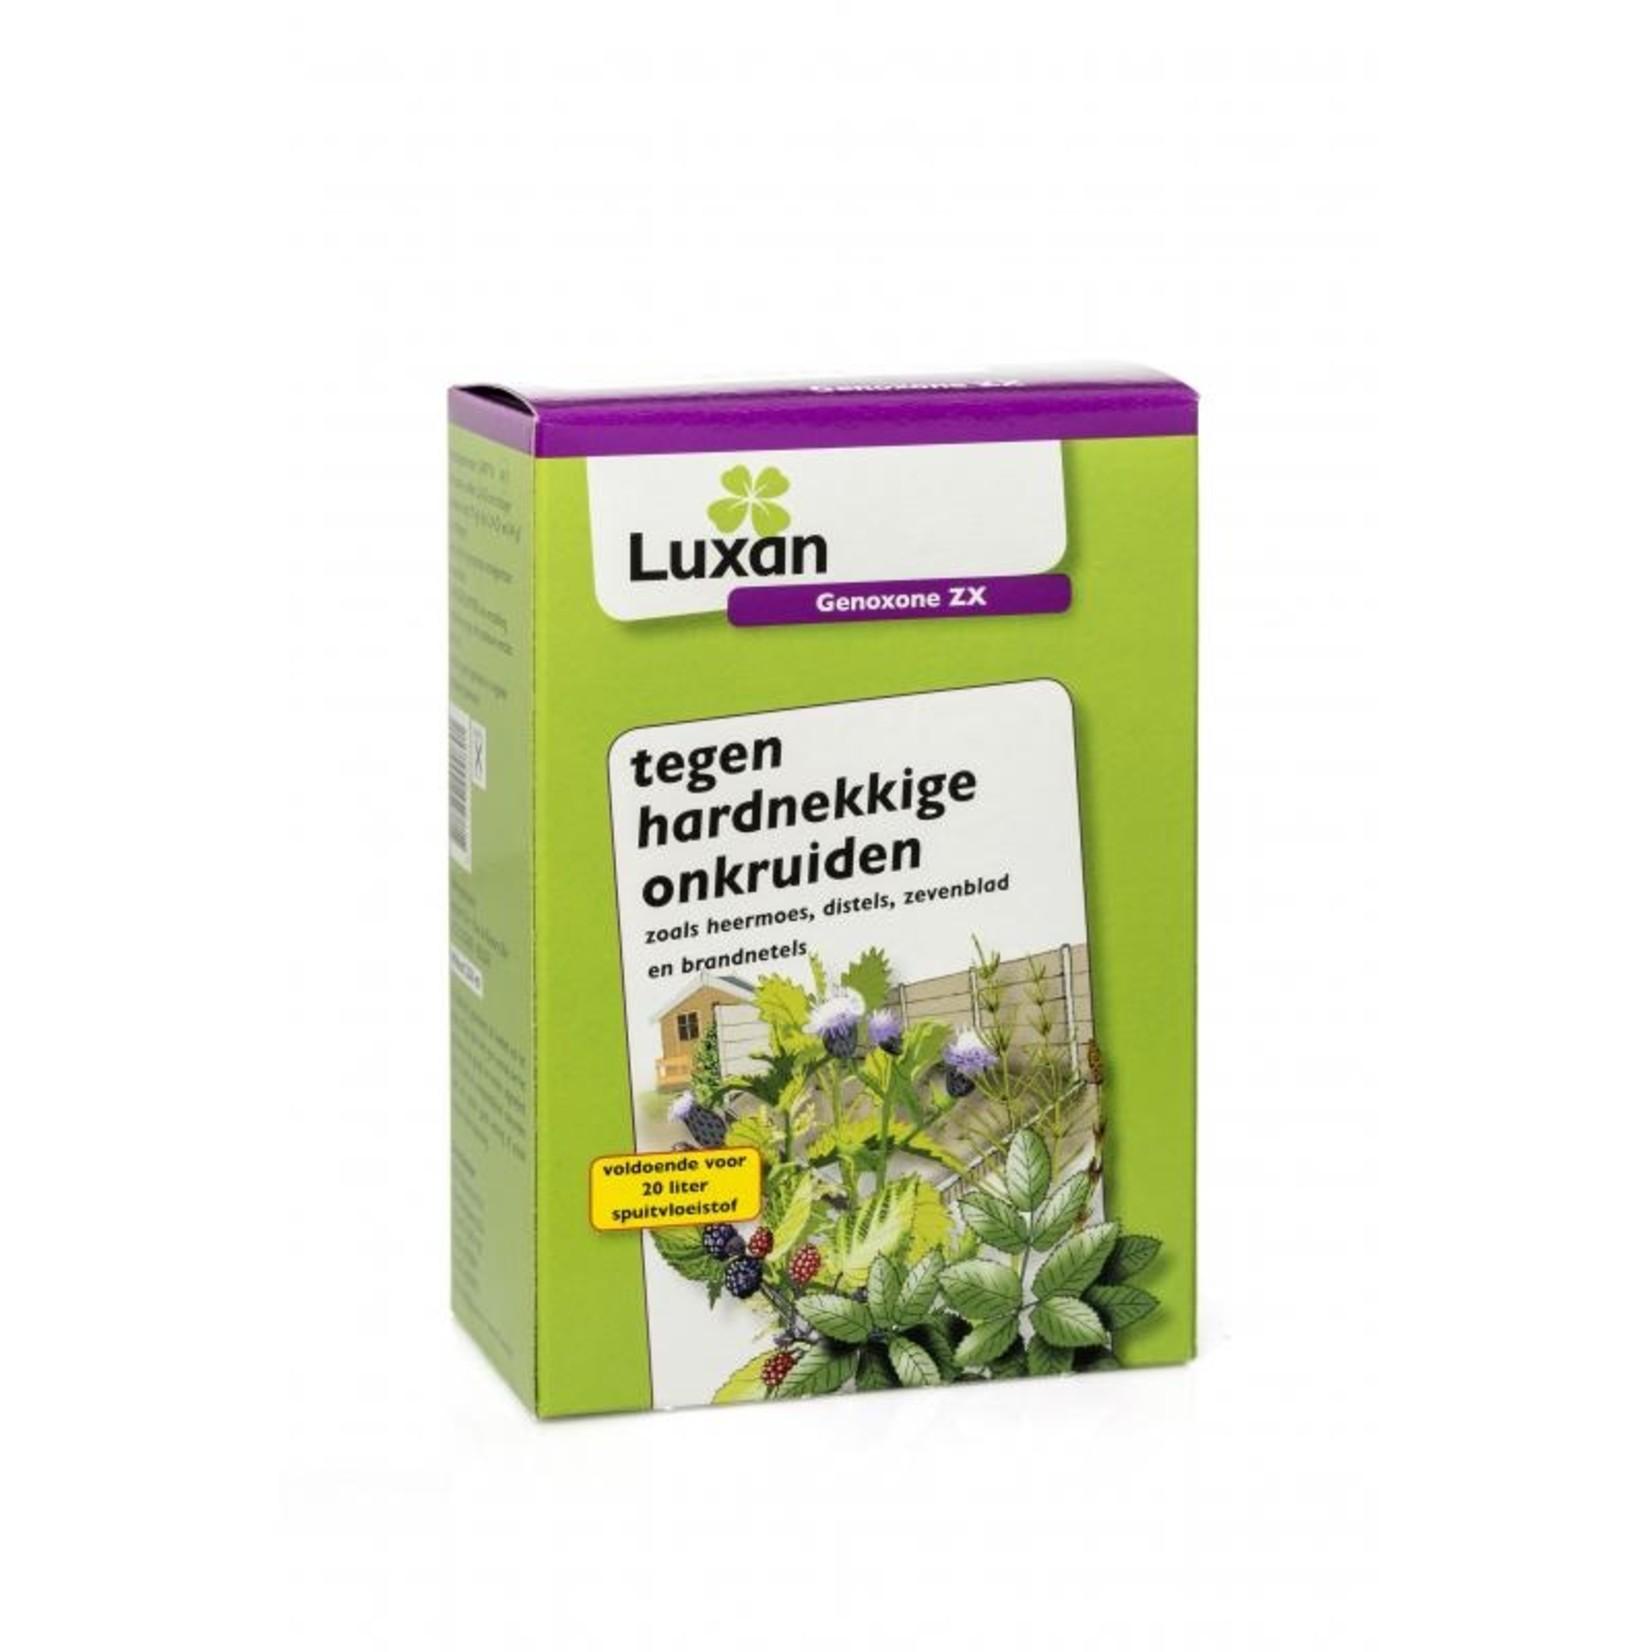 Luxan Genoxone ZX 250 ml (concentraat) tegen hardnekkige  onkruiden